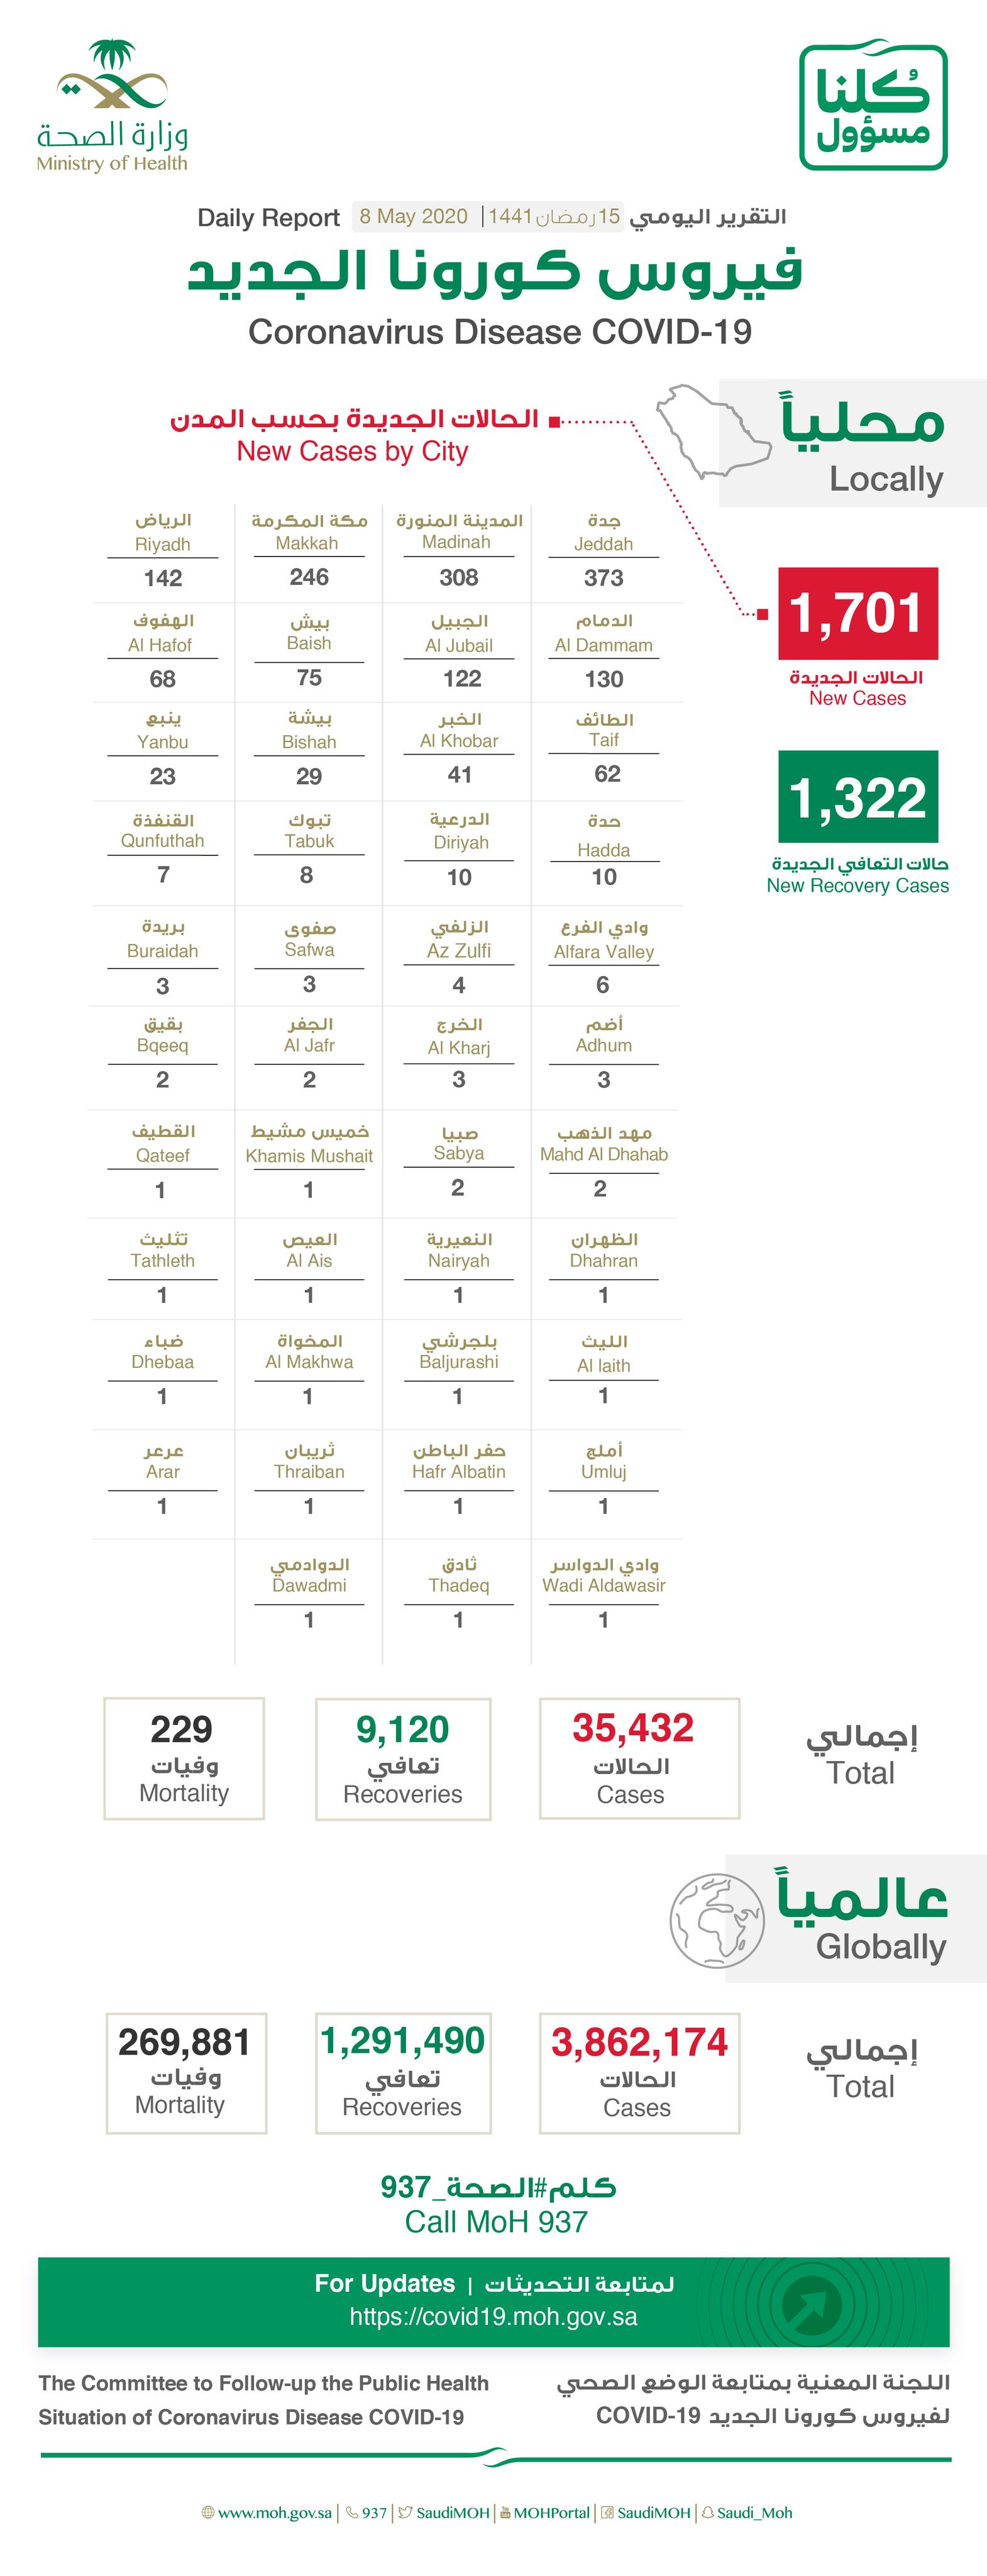 Saudi Arabia reports 1,701 new coronavirus cases